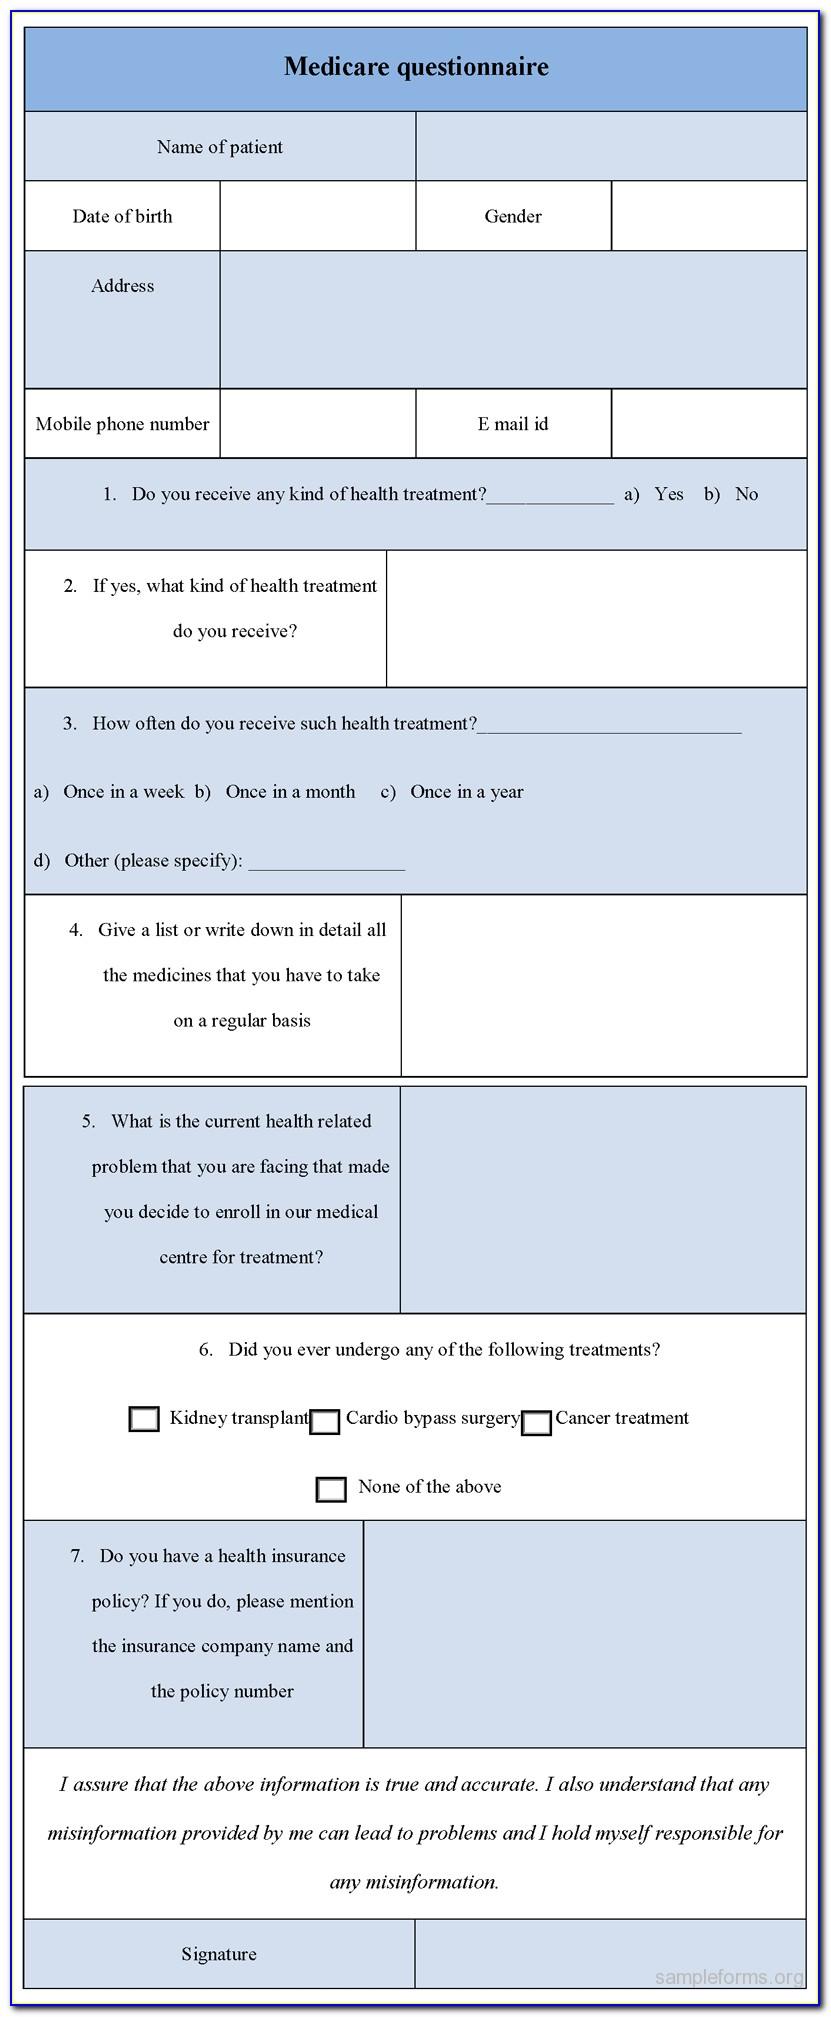 Medicare Questionnaire Form